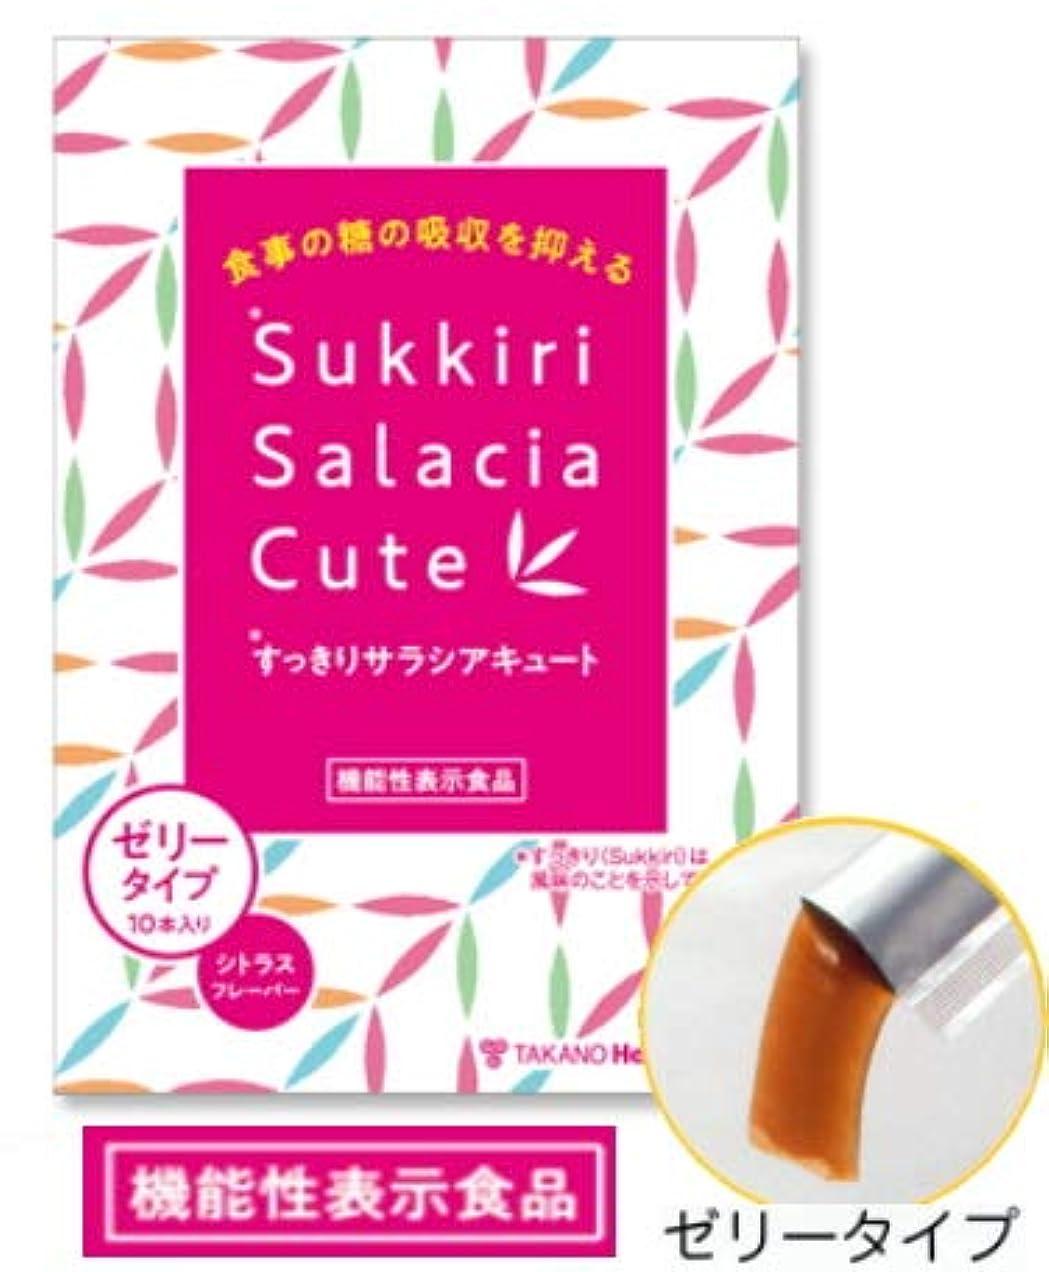 発揮するただやる長方形食事の糖の吸収を抑える すっきり サラシア キュート ゼリーダイプ 10本入×3個セット【機能性表示食品】